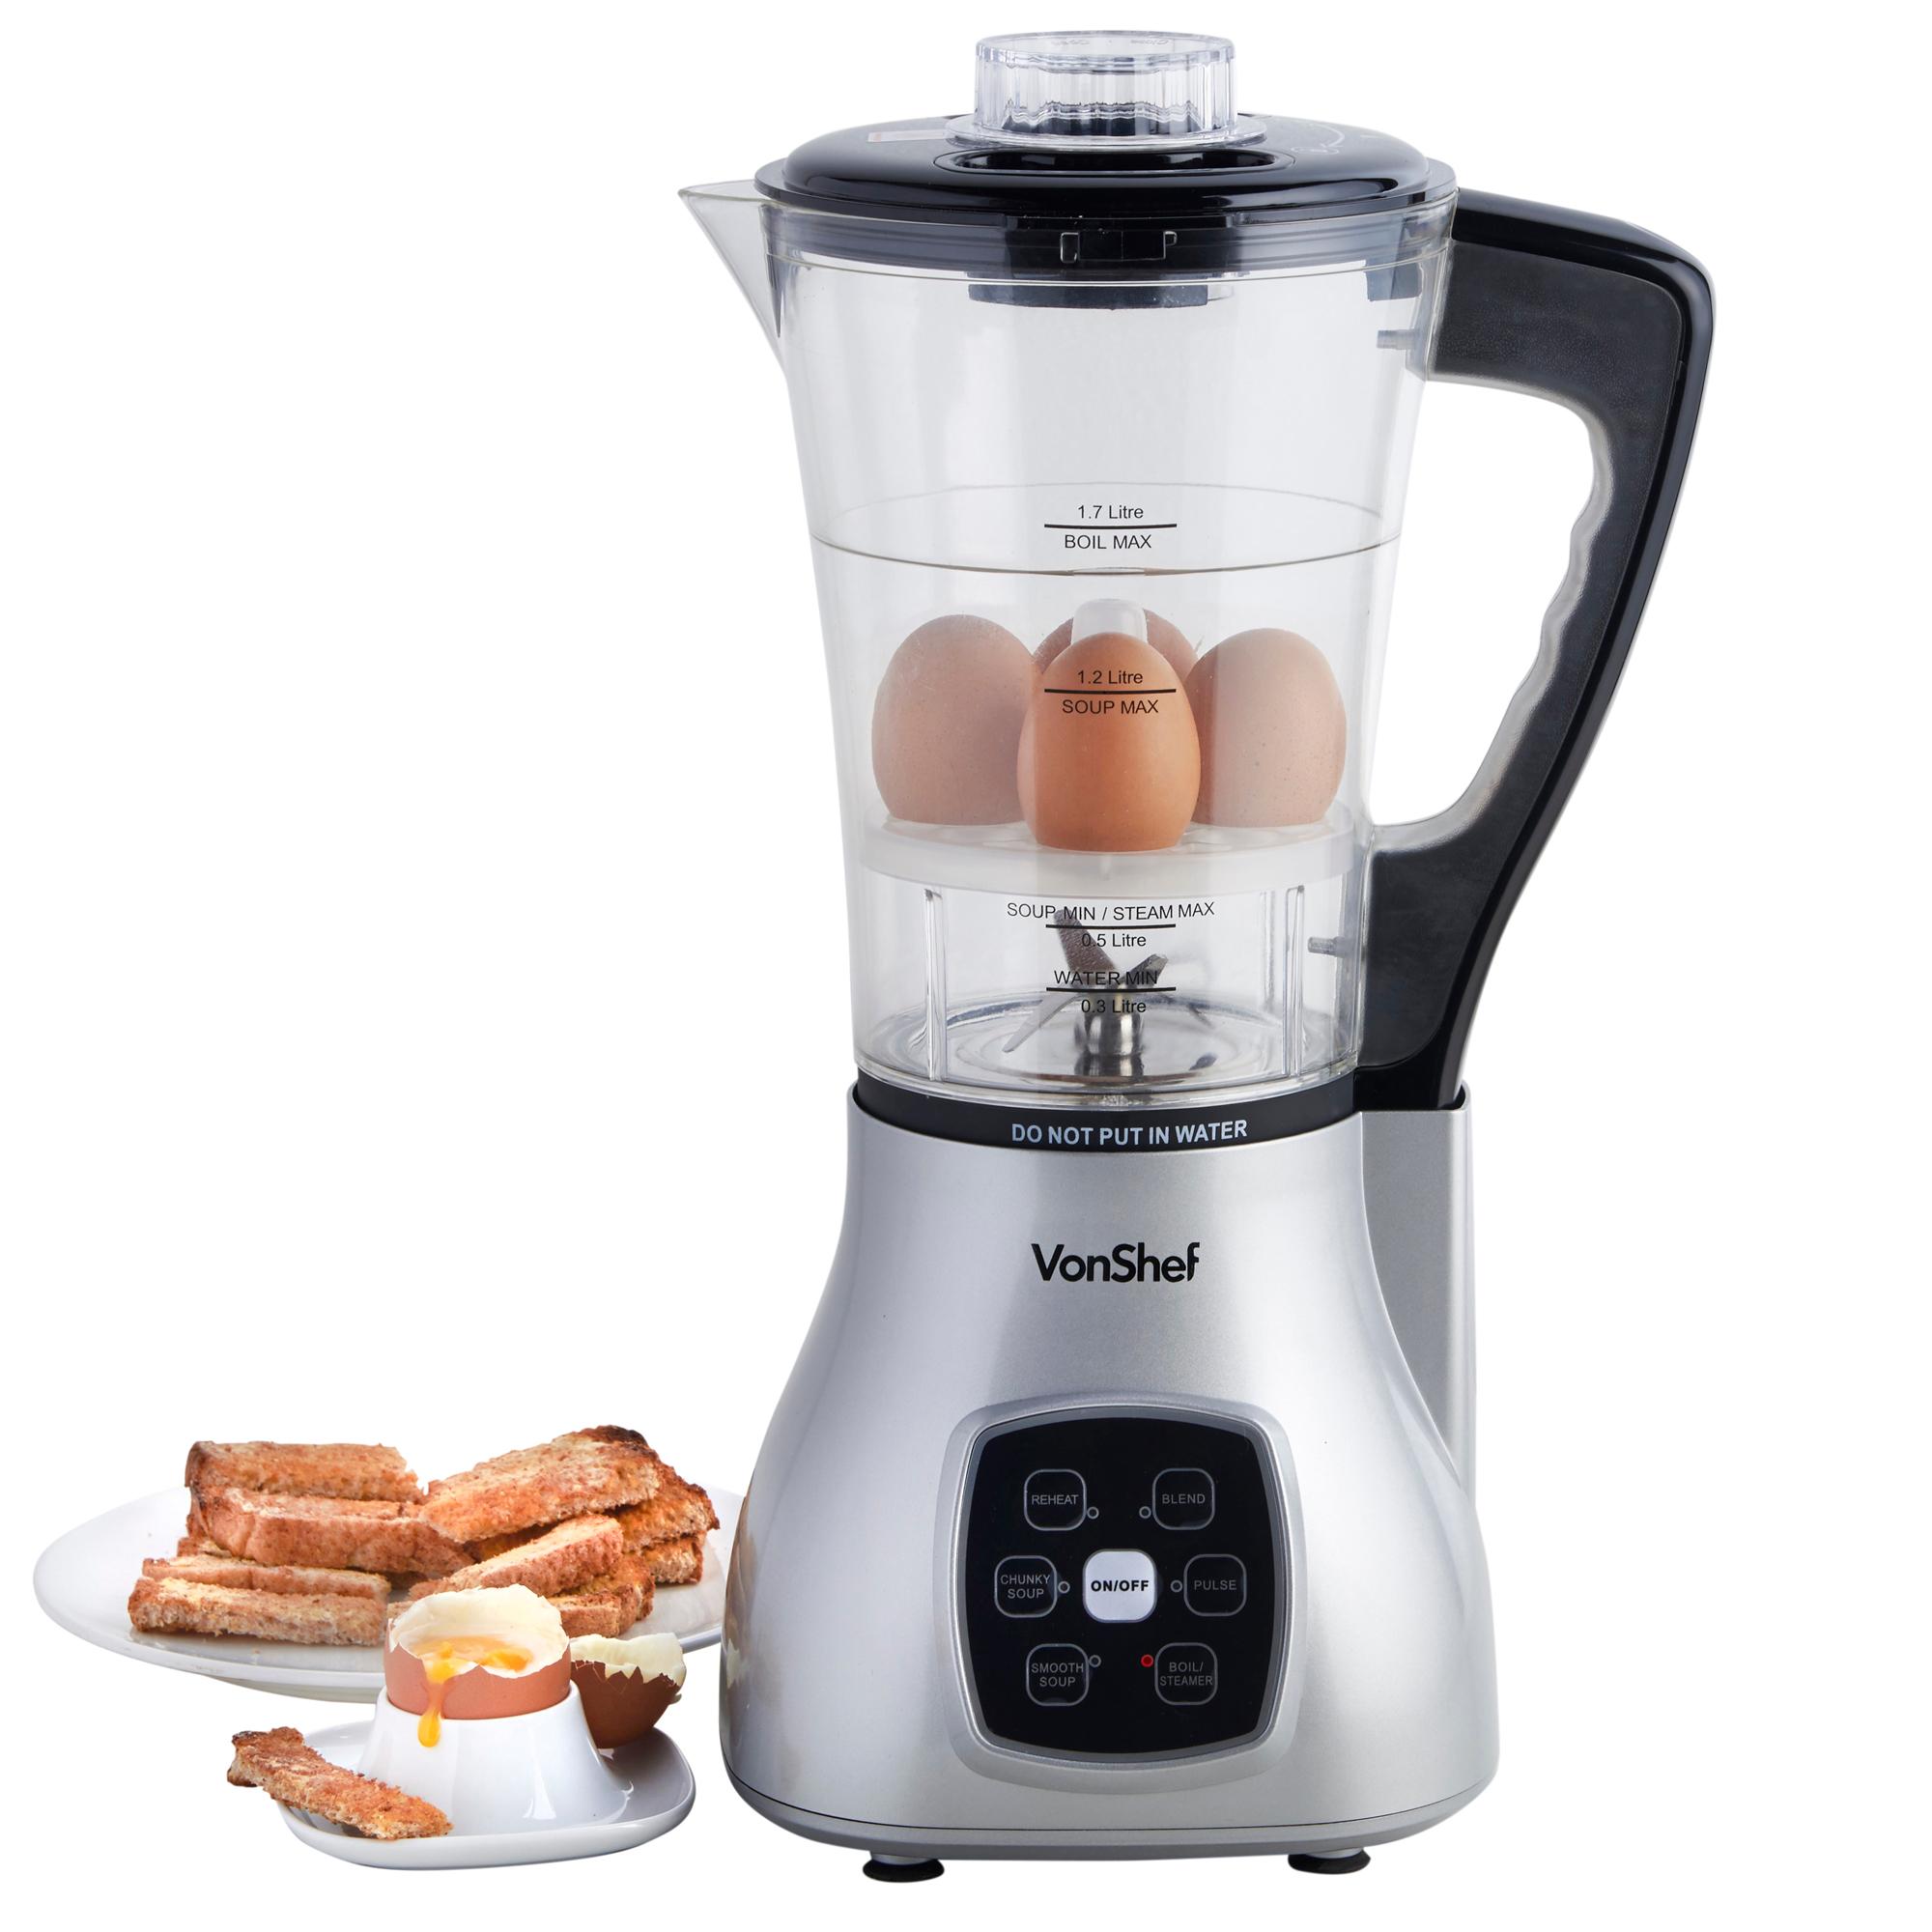 VonShef Soup Maker Blender Juicer Smoothie Machine